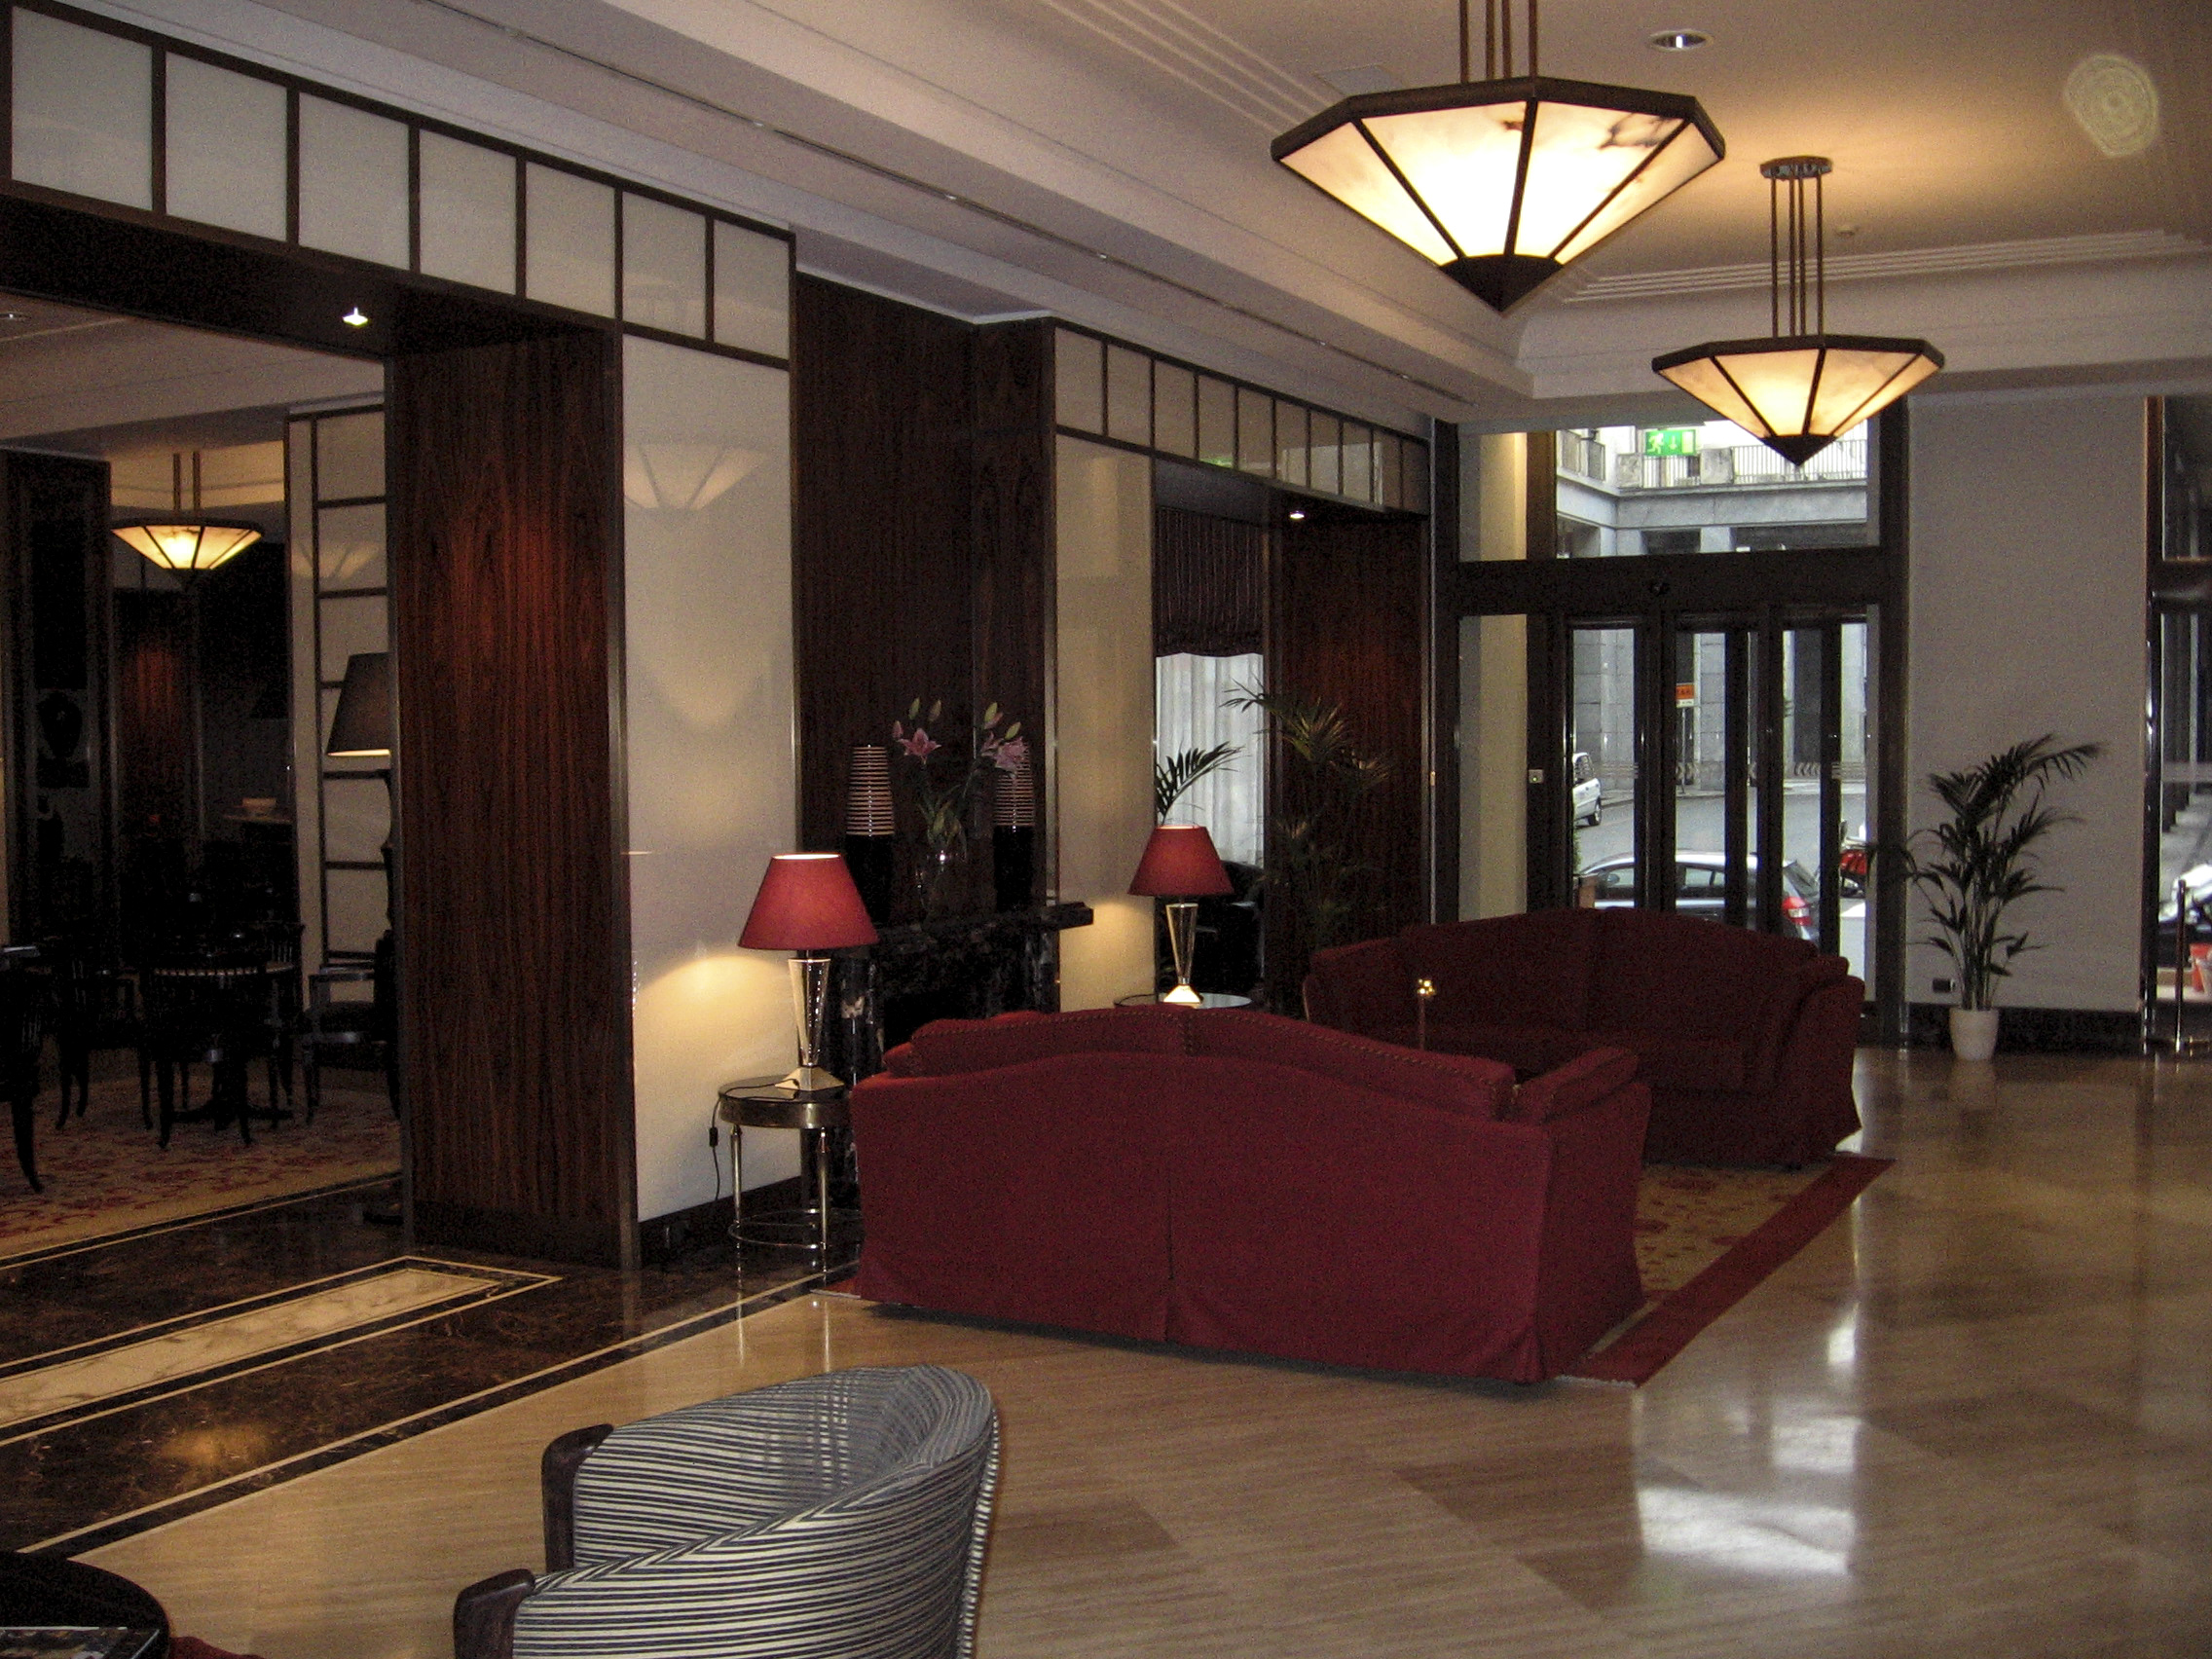 Milgem lavorazione marmi e graniti luxury hotels for Designhotel turin